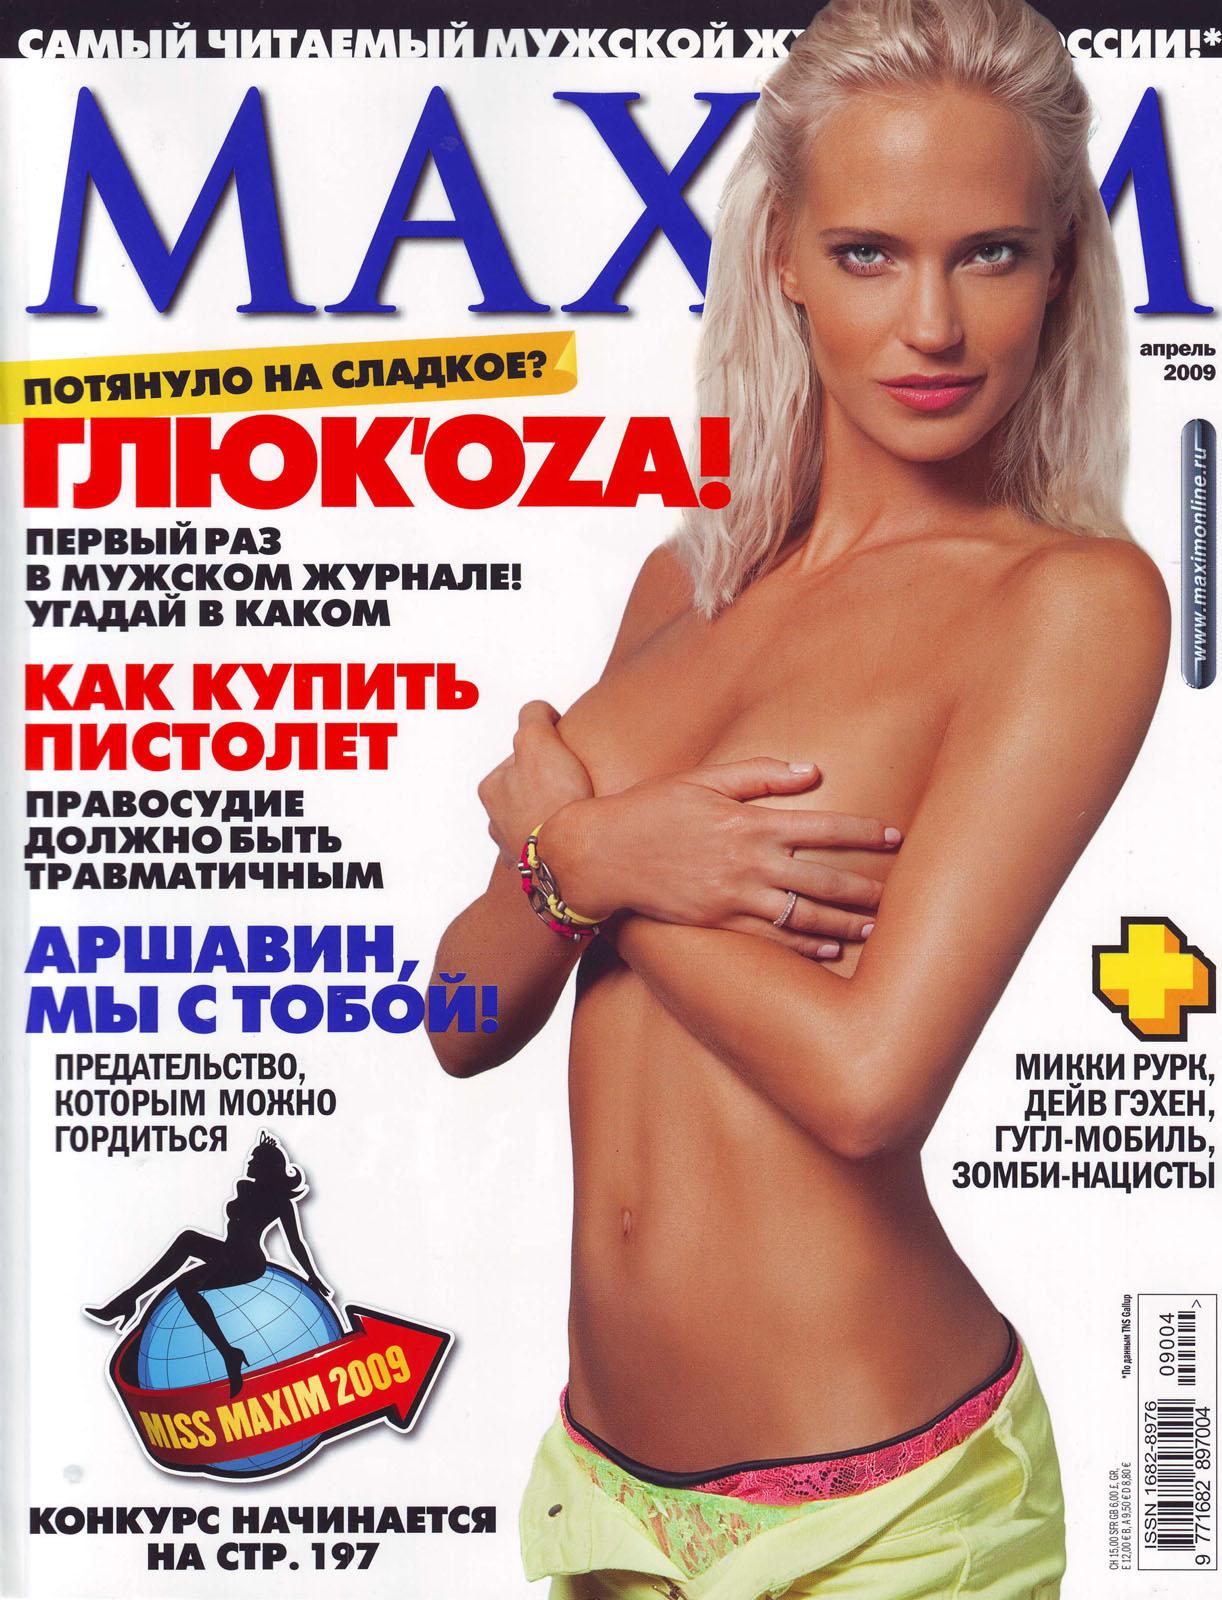 vnutr-artisti-v-eroticheskih-zhurnalah-gornichnuyu-poka